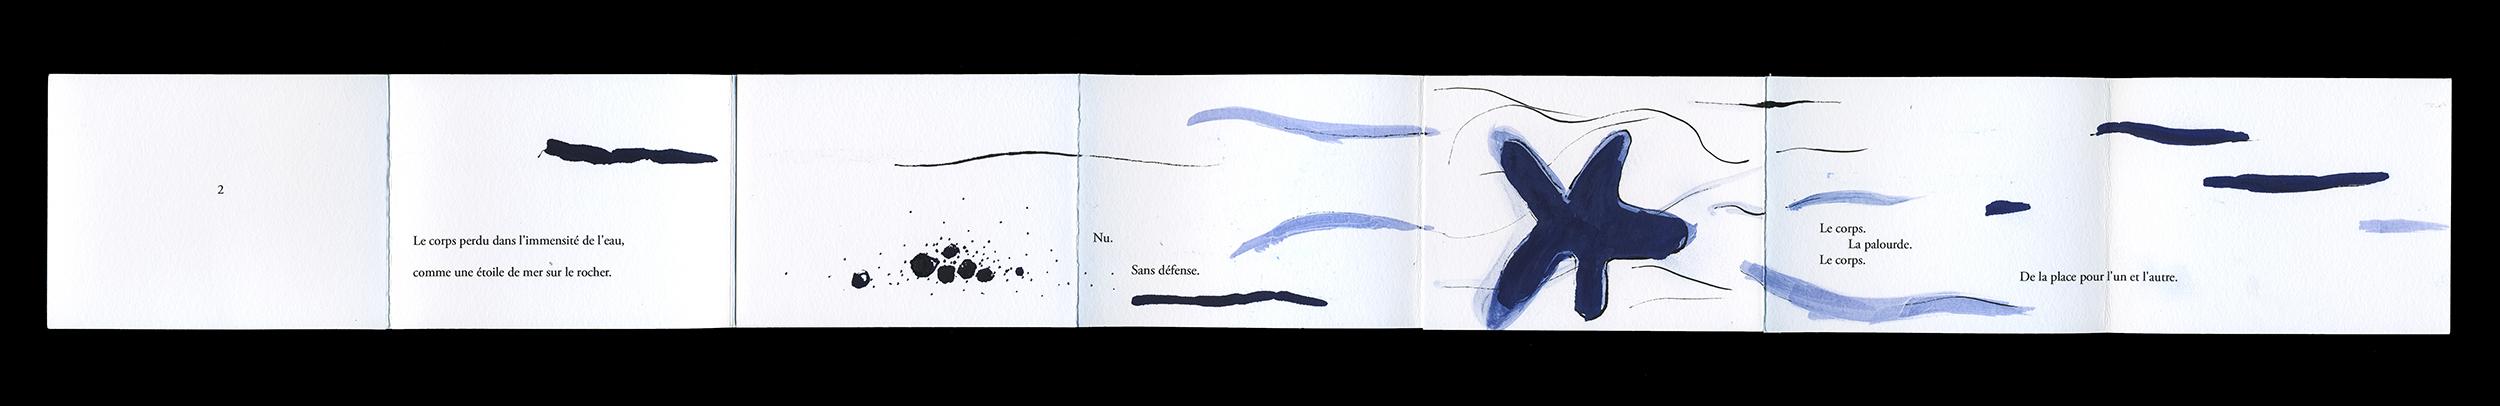 Scan-Web-La palourde-2.jpg